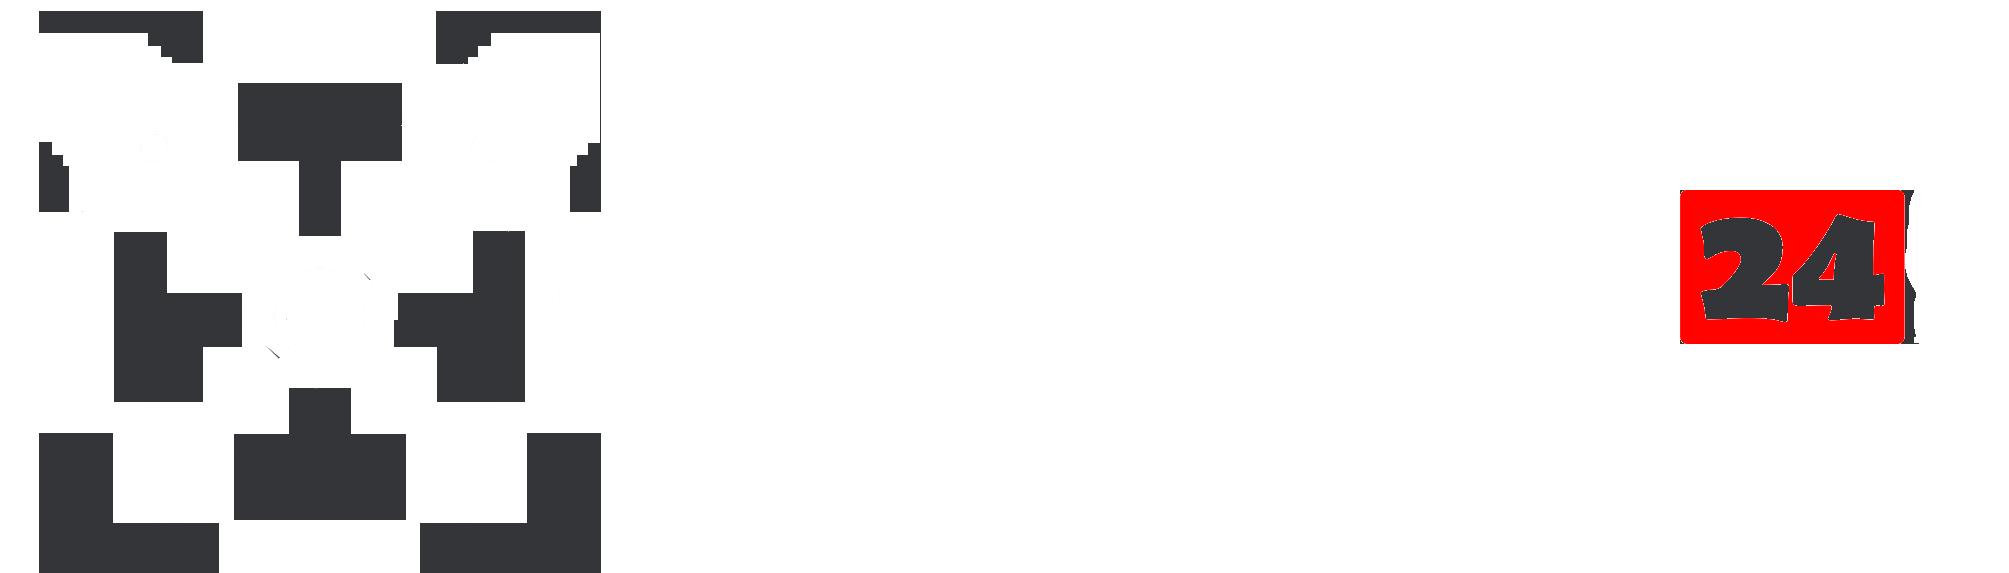 Program do serwisu, warsztatu samochodowego - WARSZTAT24